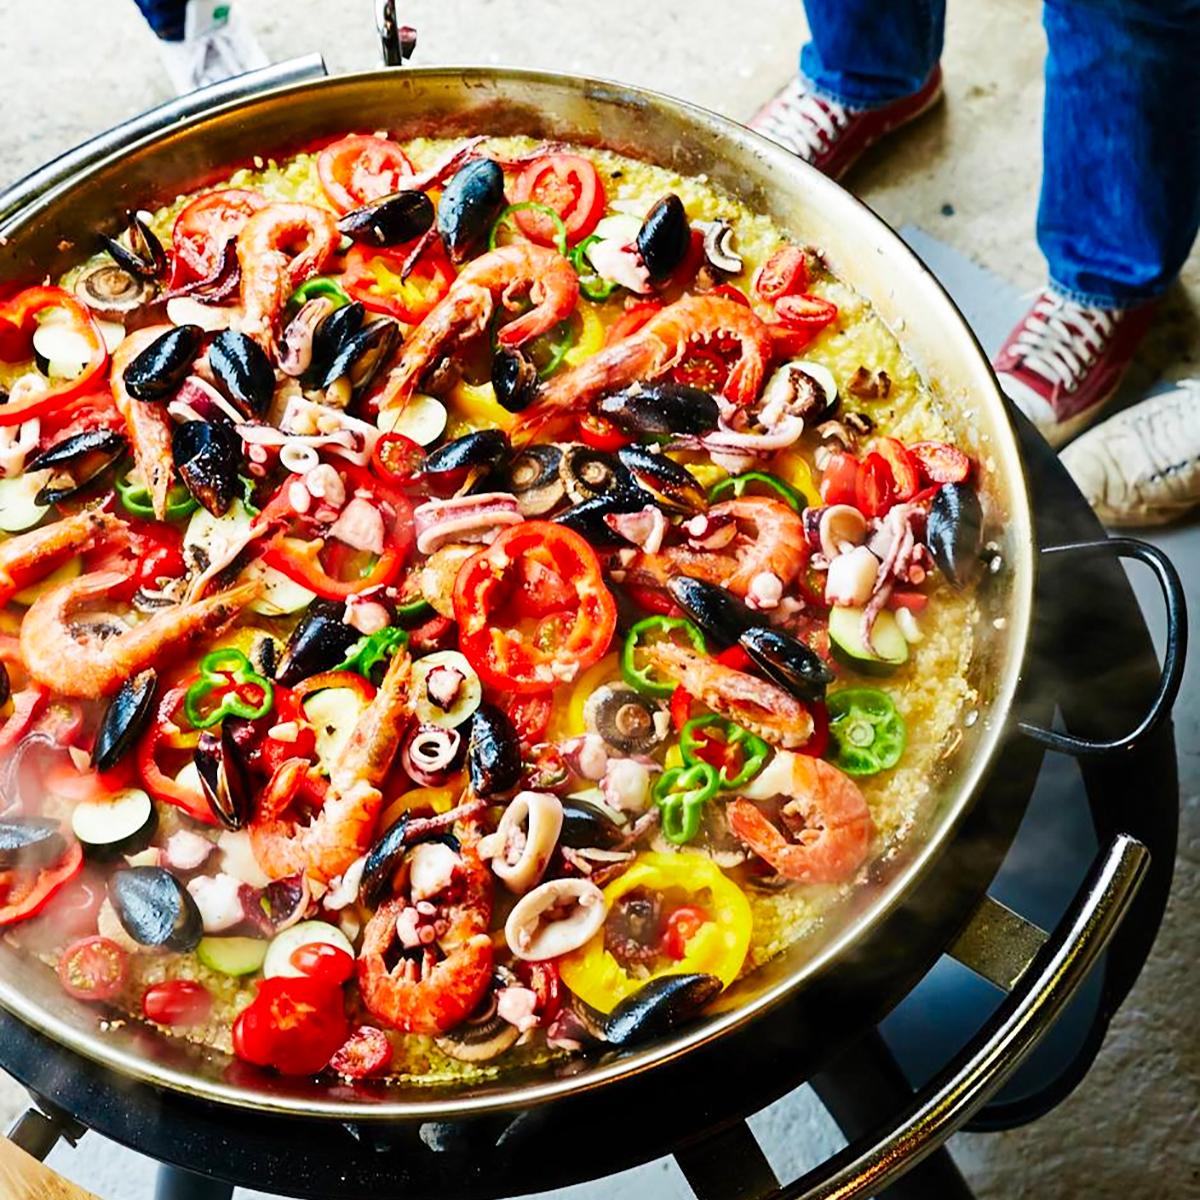 パエリアパン|大勢で食べられるパエリアを始め、ハンバーグやソテー、焼きそばといった鉄板料理を楽しめる「BBQグリル」|SWINGGRILL